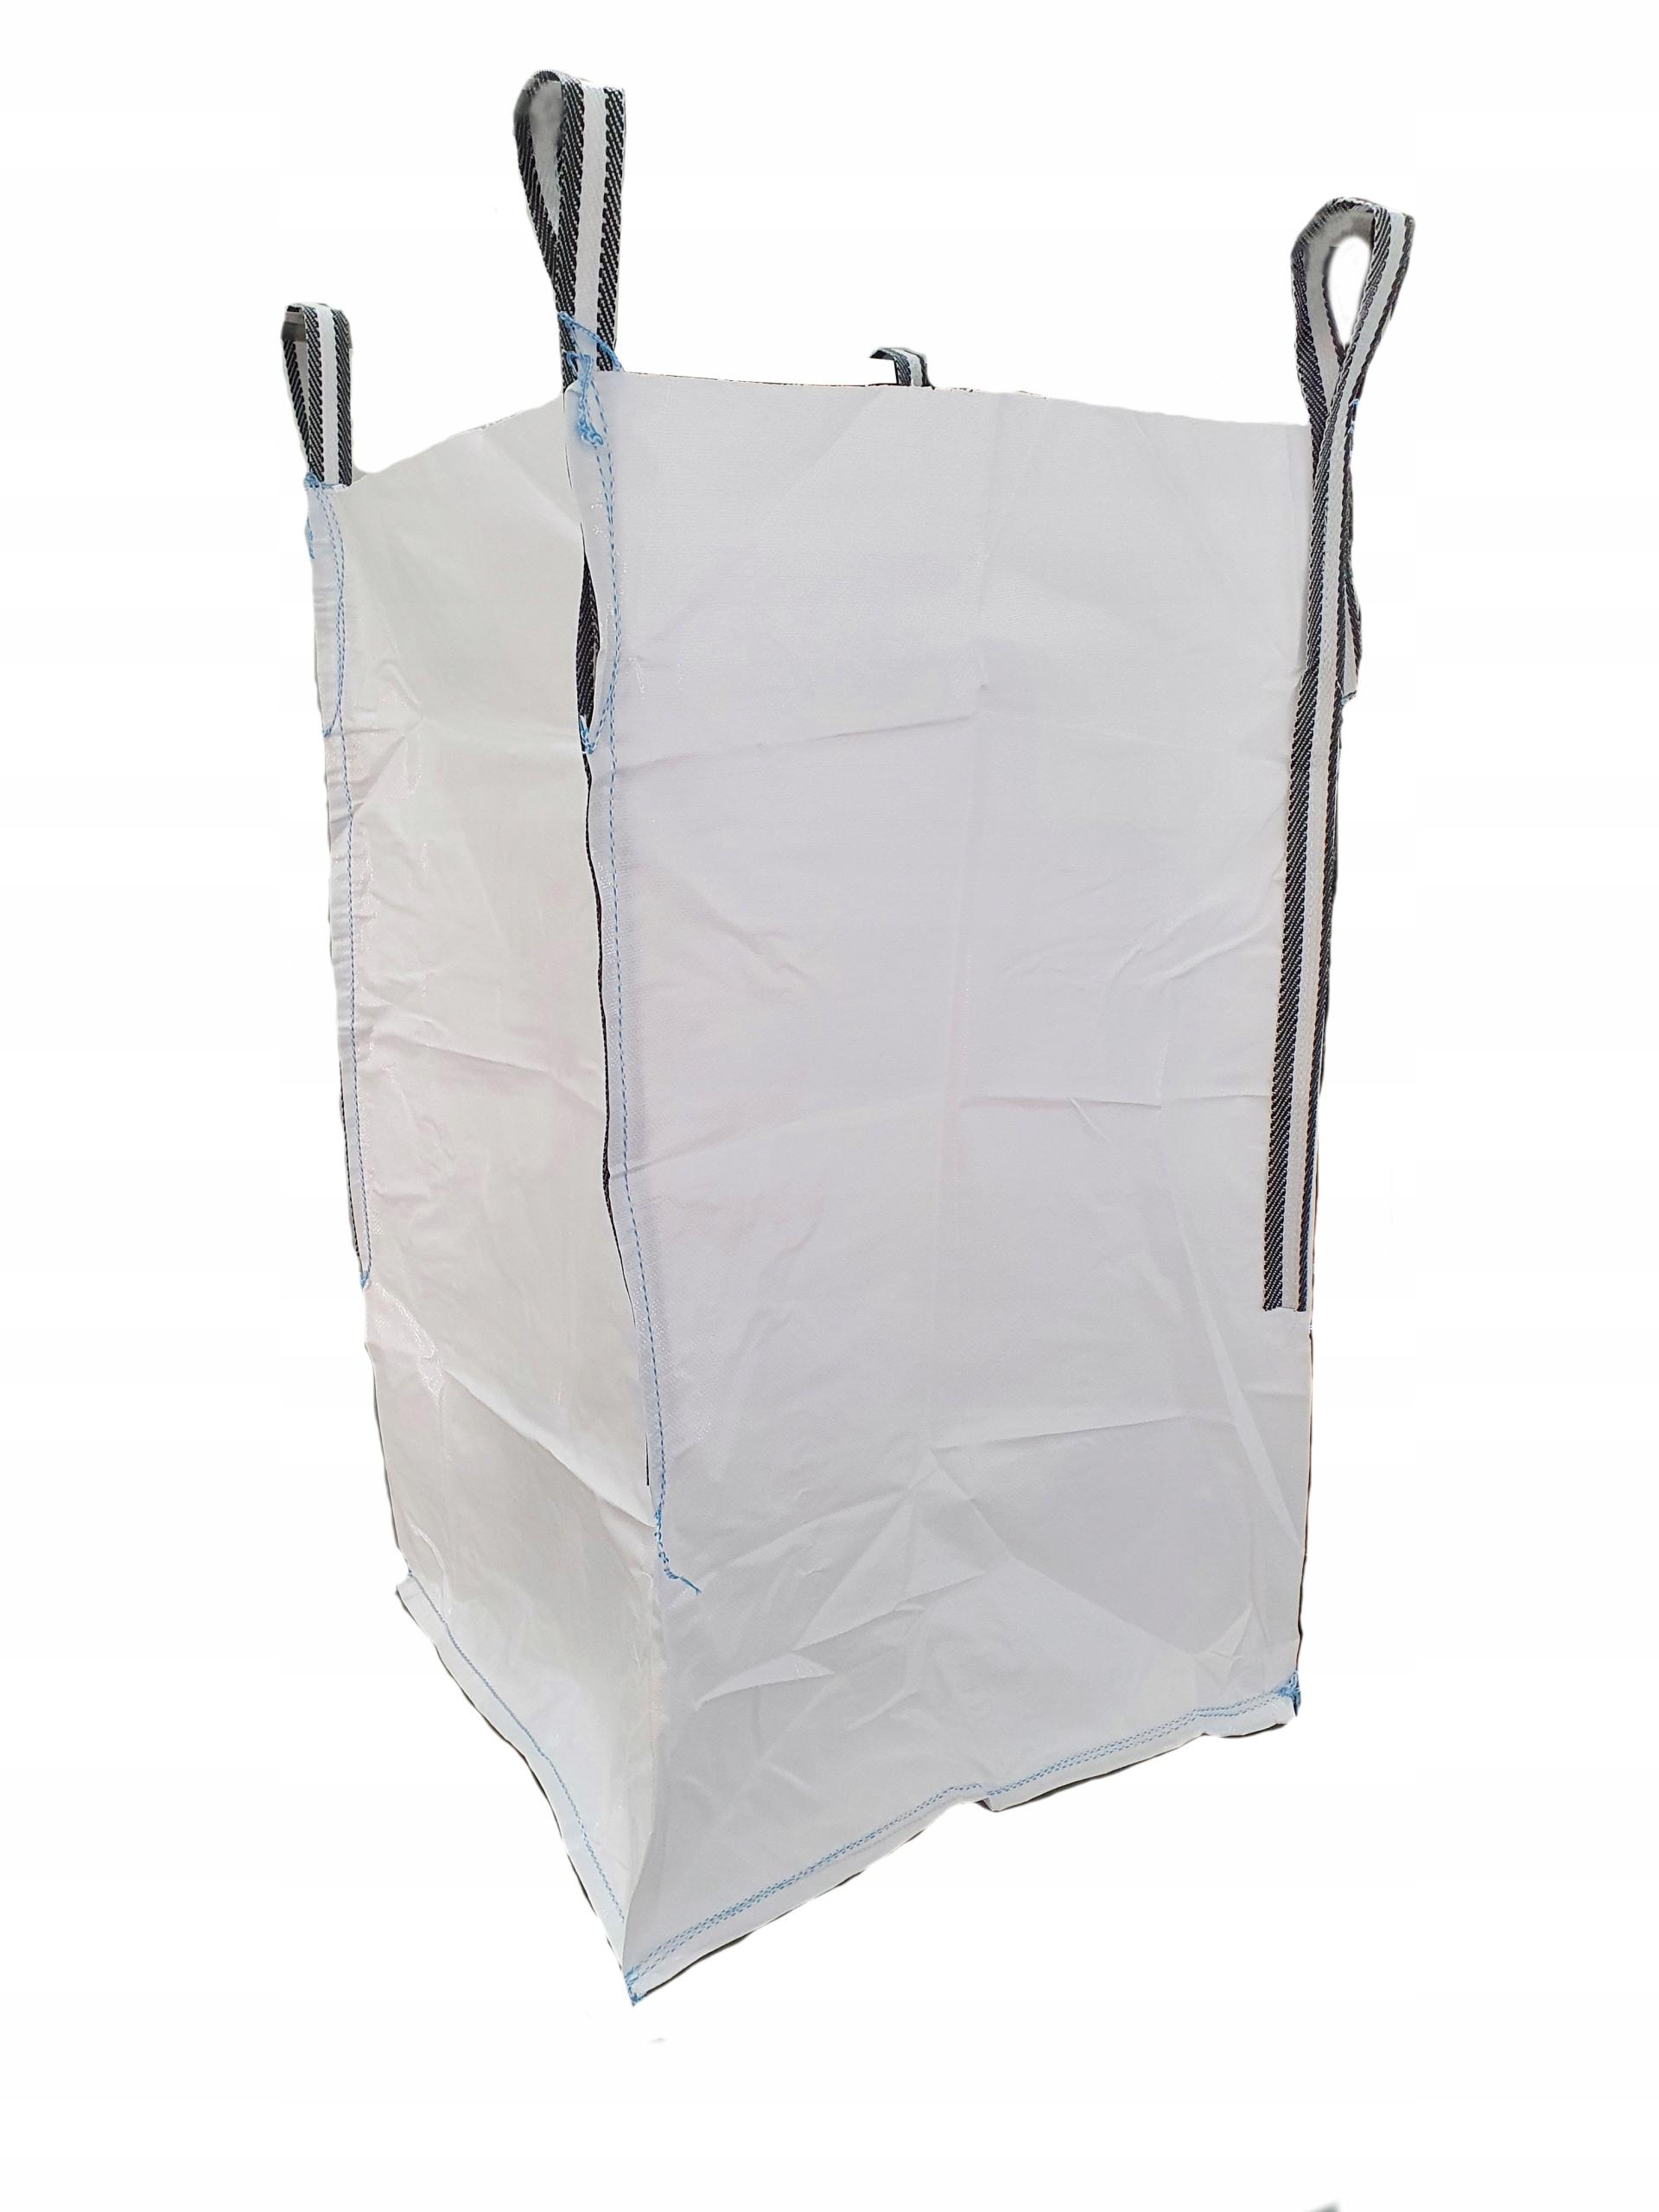 Worek BigBag Kontenerowy 75x75x75cm Nowy Big Bag